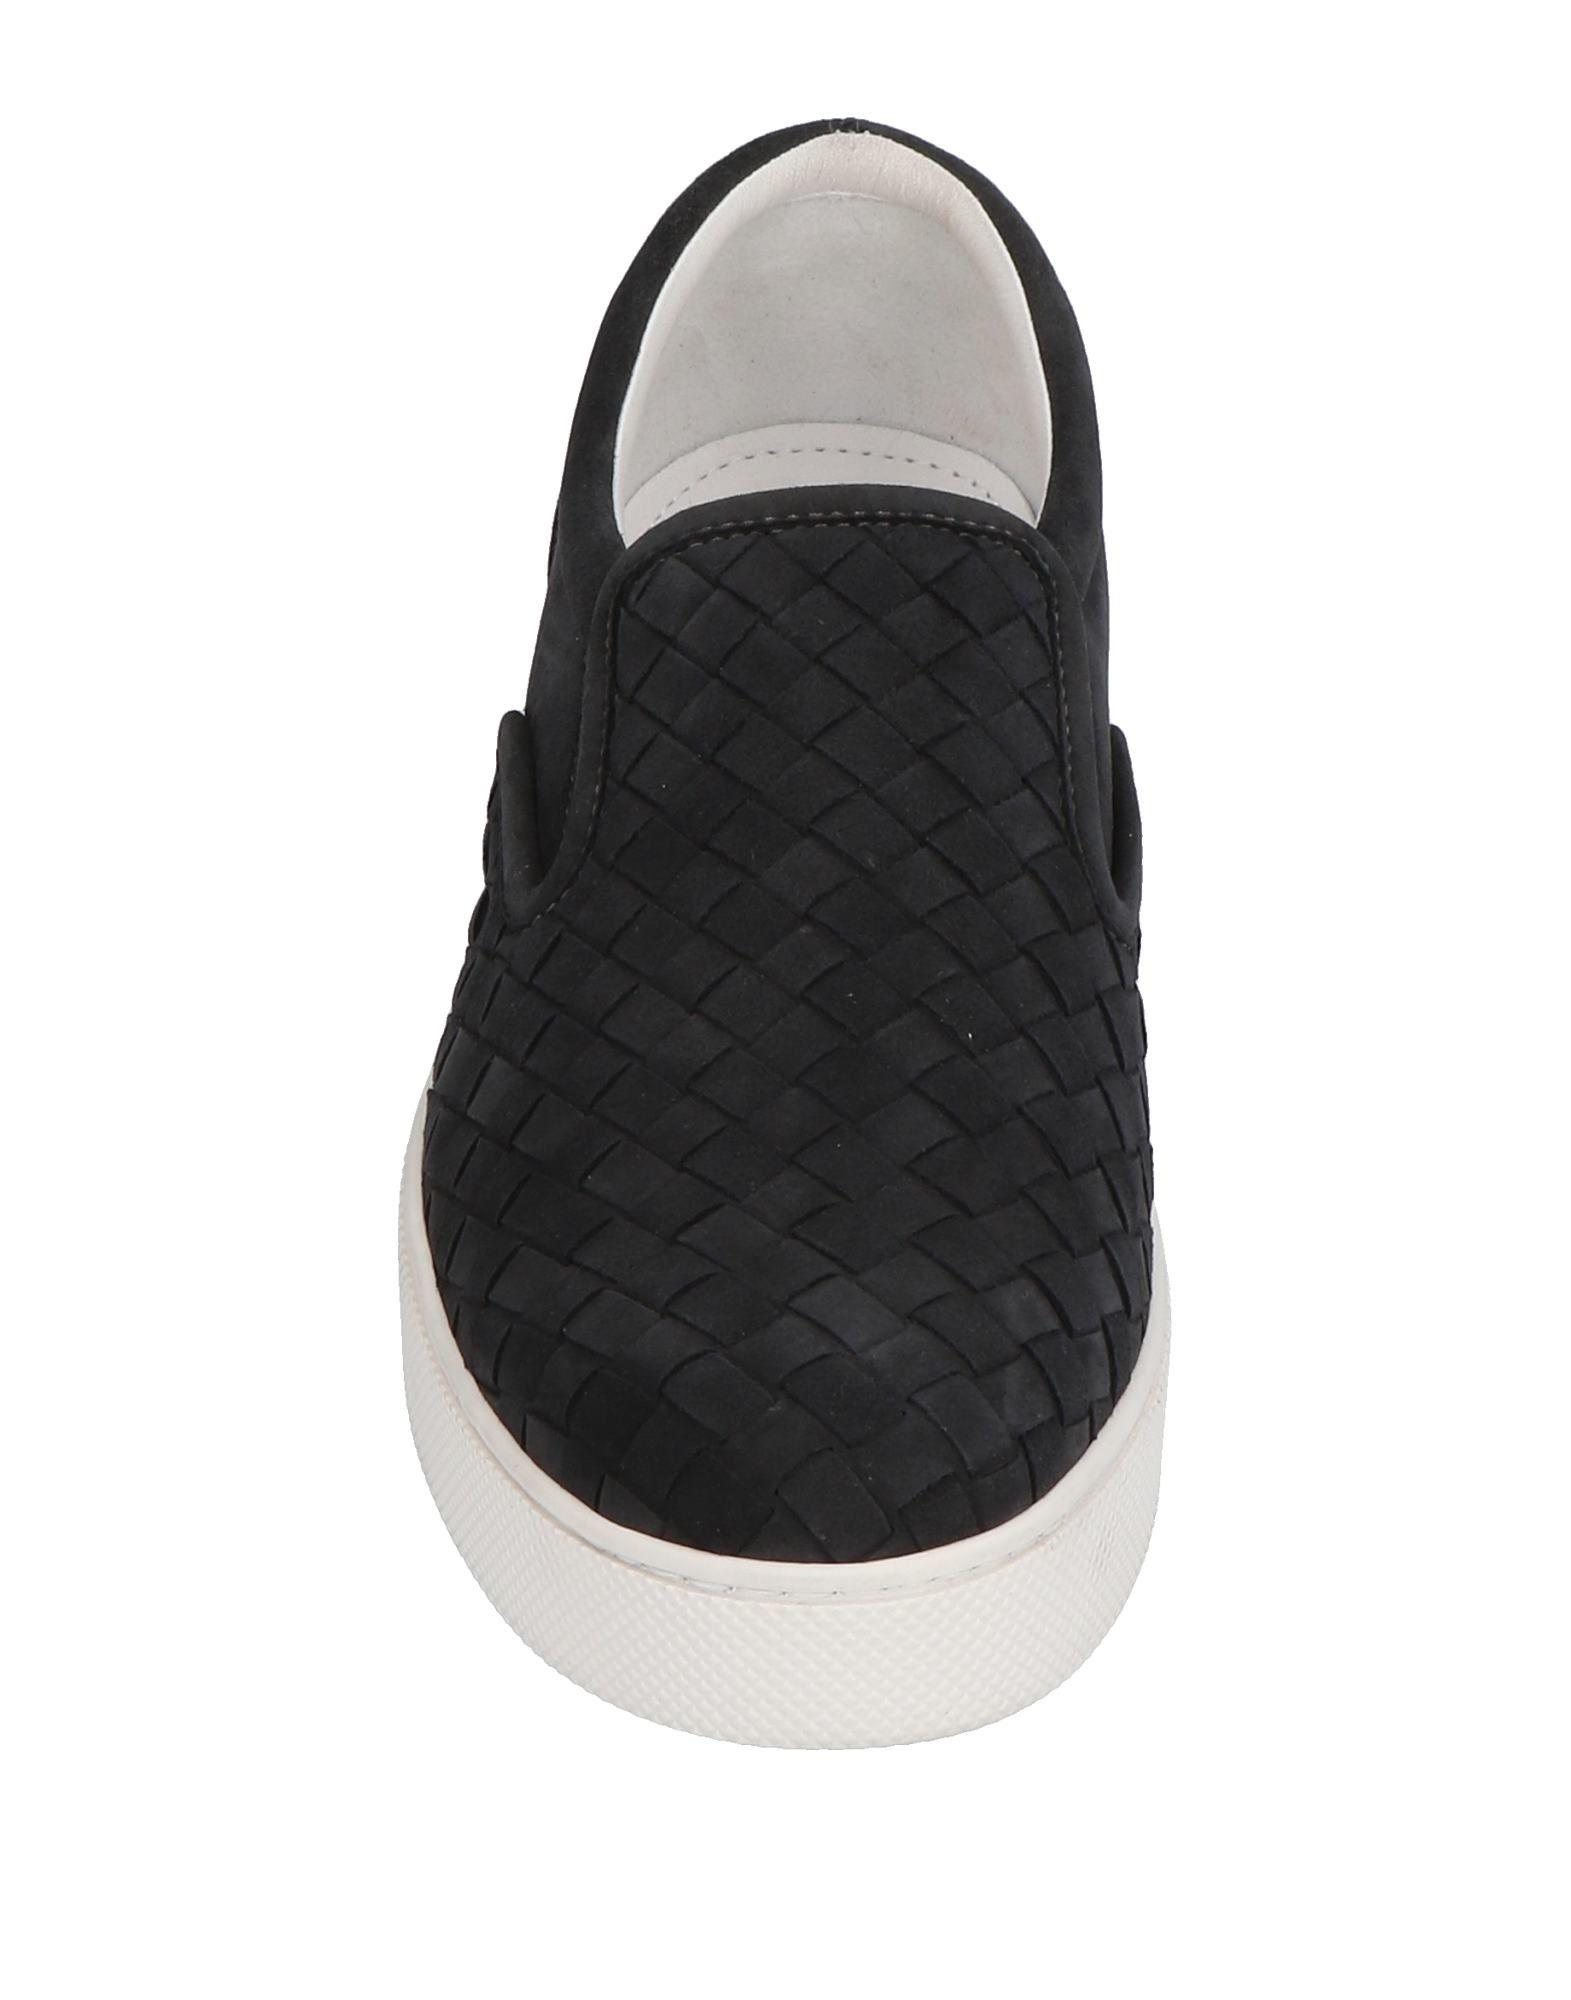 Bottega Damen Veneta Sneakers Damen Bottega  11494528HQ Neue Schuhe 00ccd3